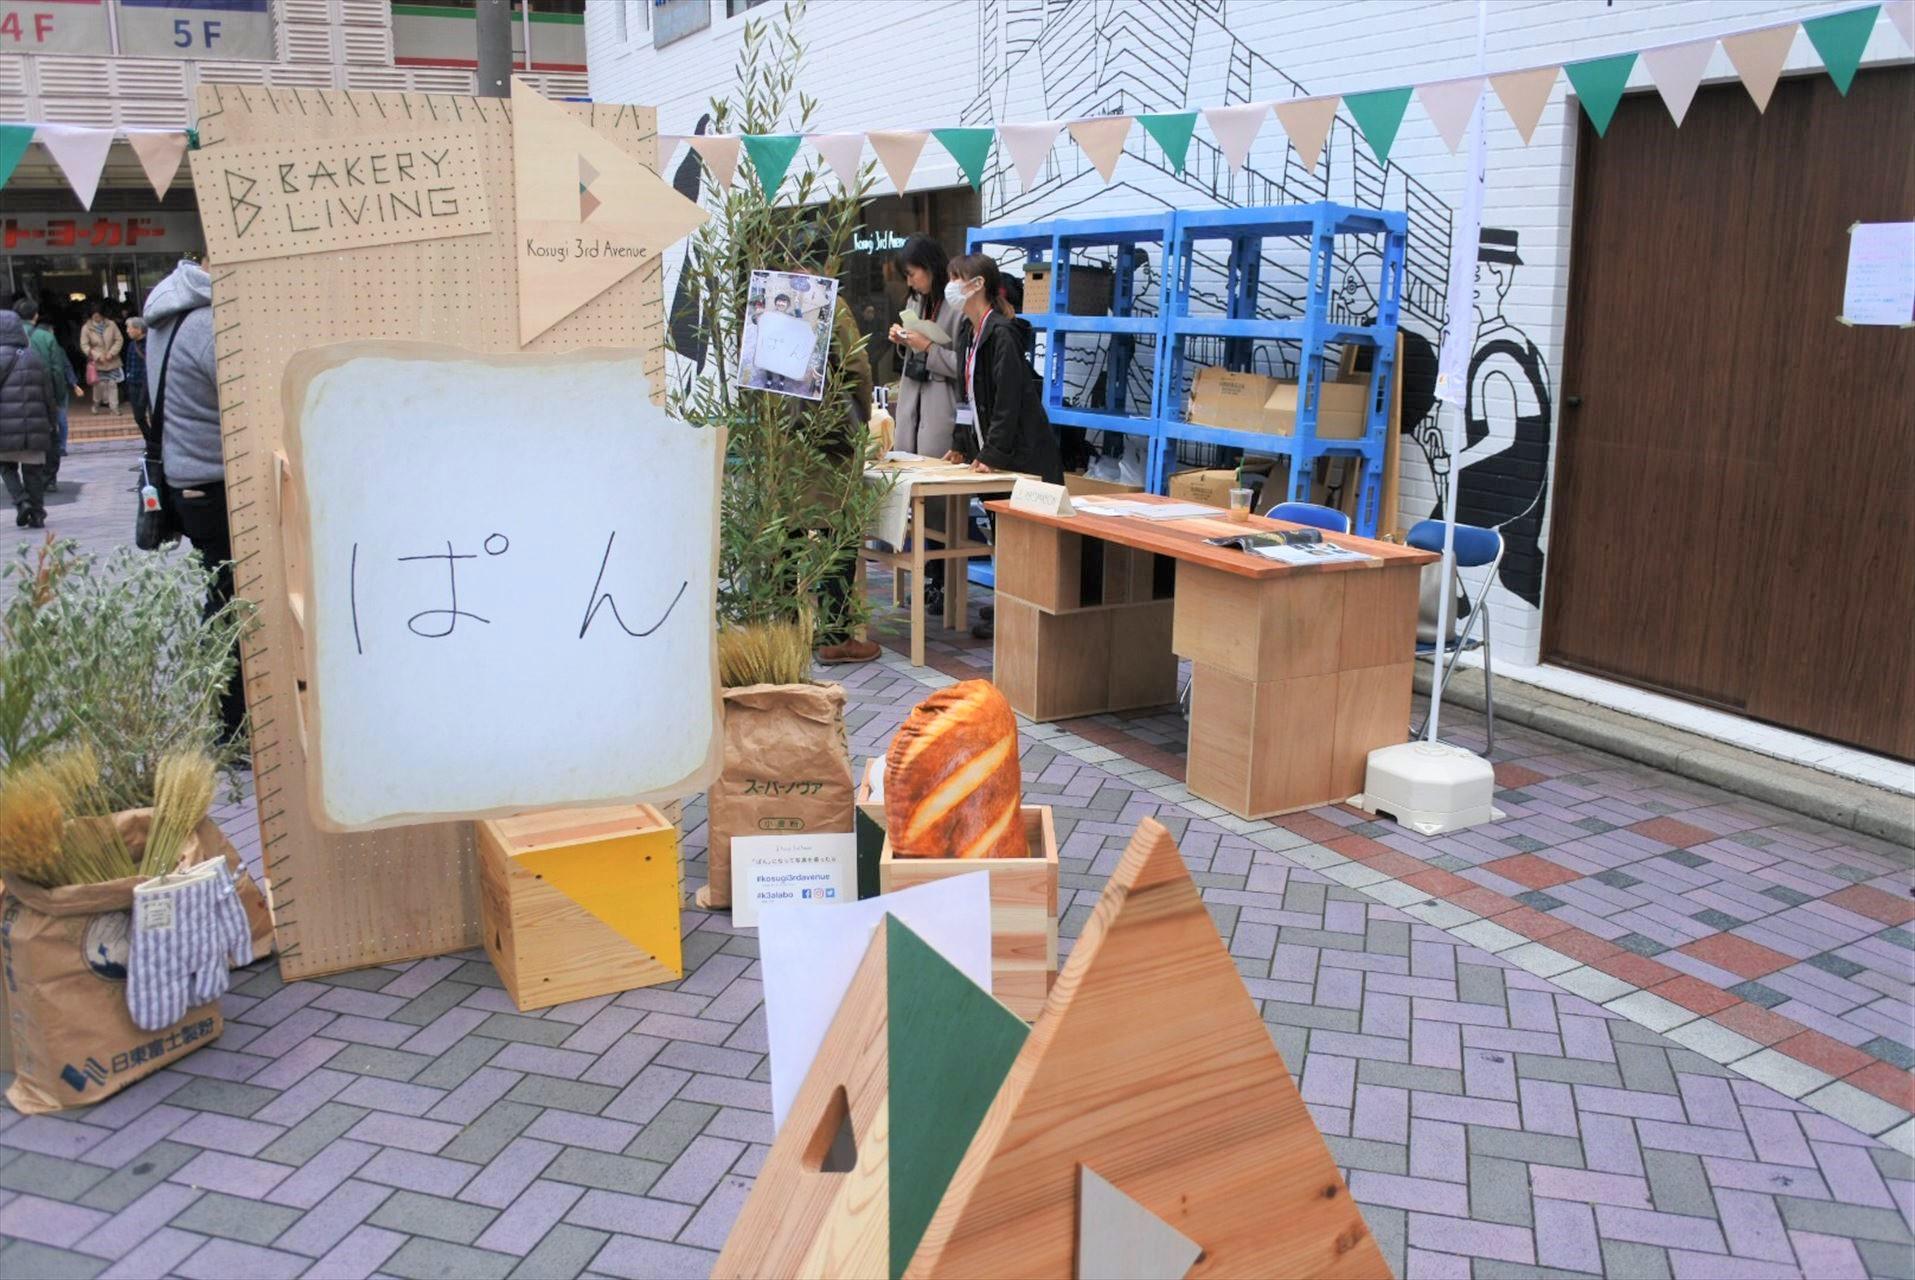 Kosugi 3rd Avenue BAKERY LIVING